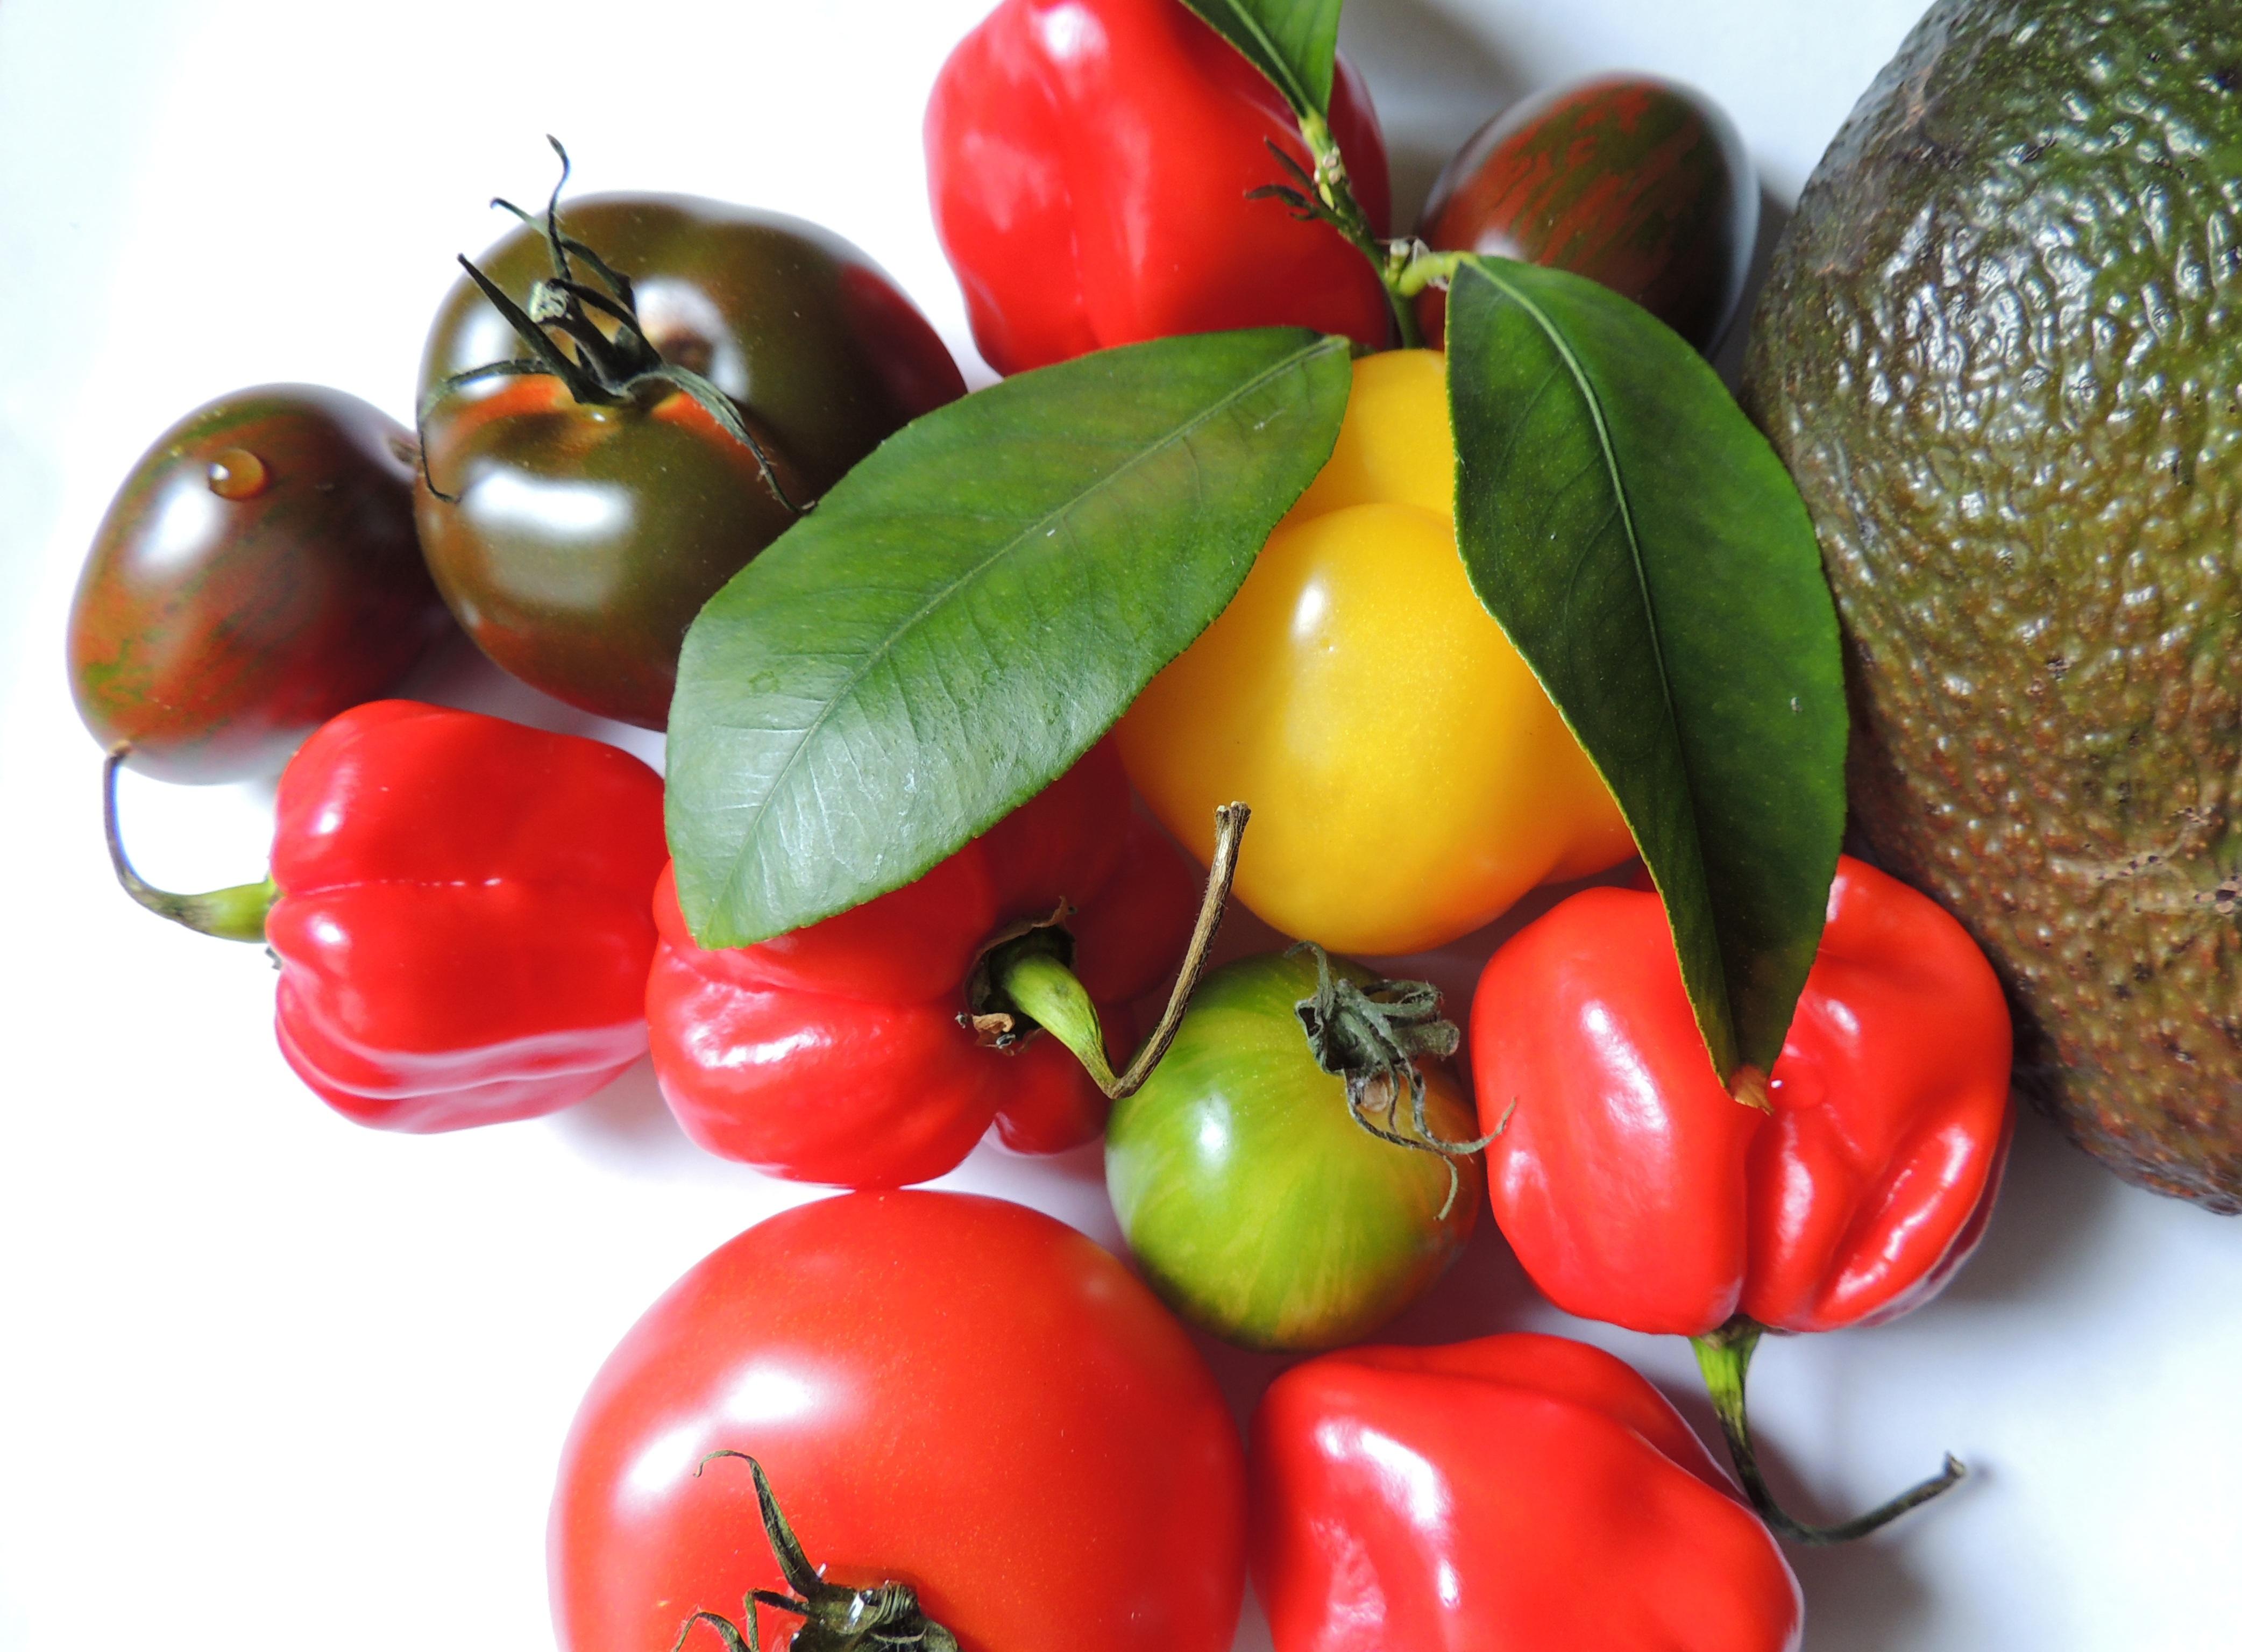 Plante avocat photo germer avocat partie nombre de fruits exotiques contiennent un noyau ou - Comment faire germer des graines de tomates ...